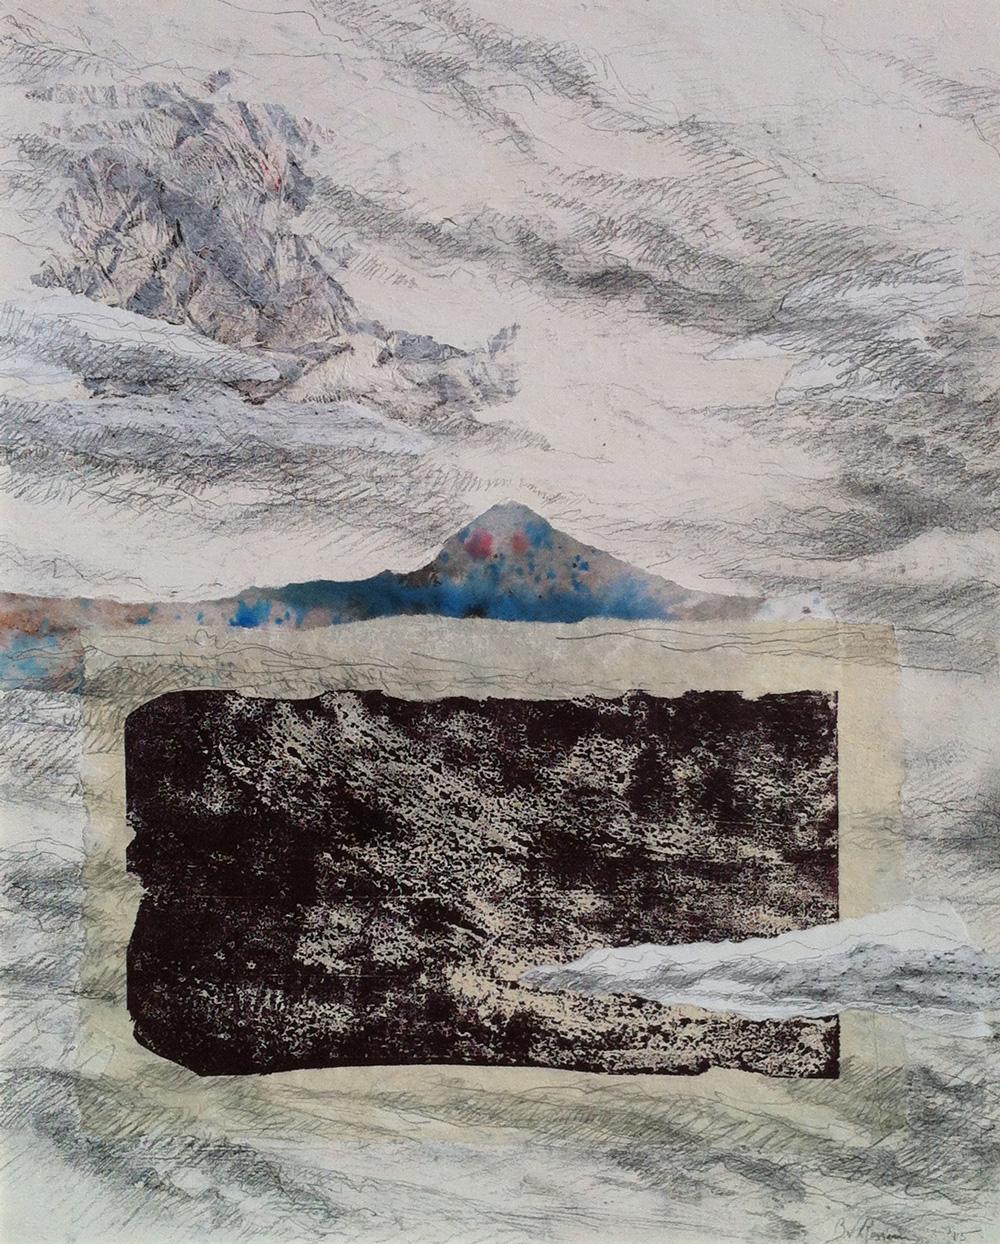 ijsland-09-betty-van-rossem